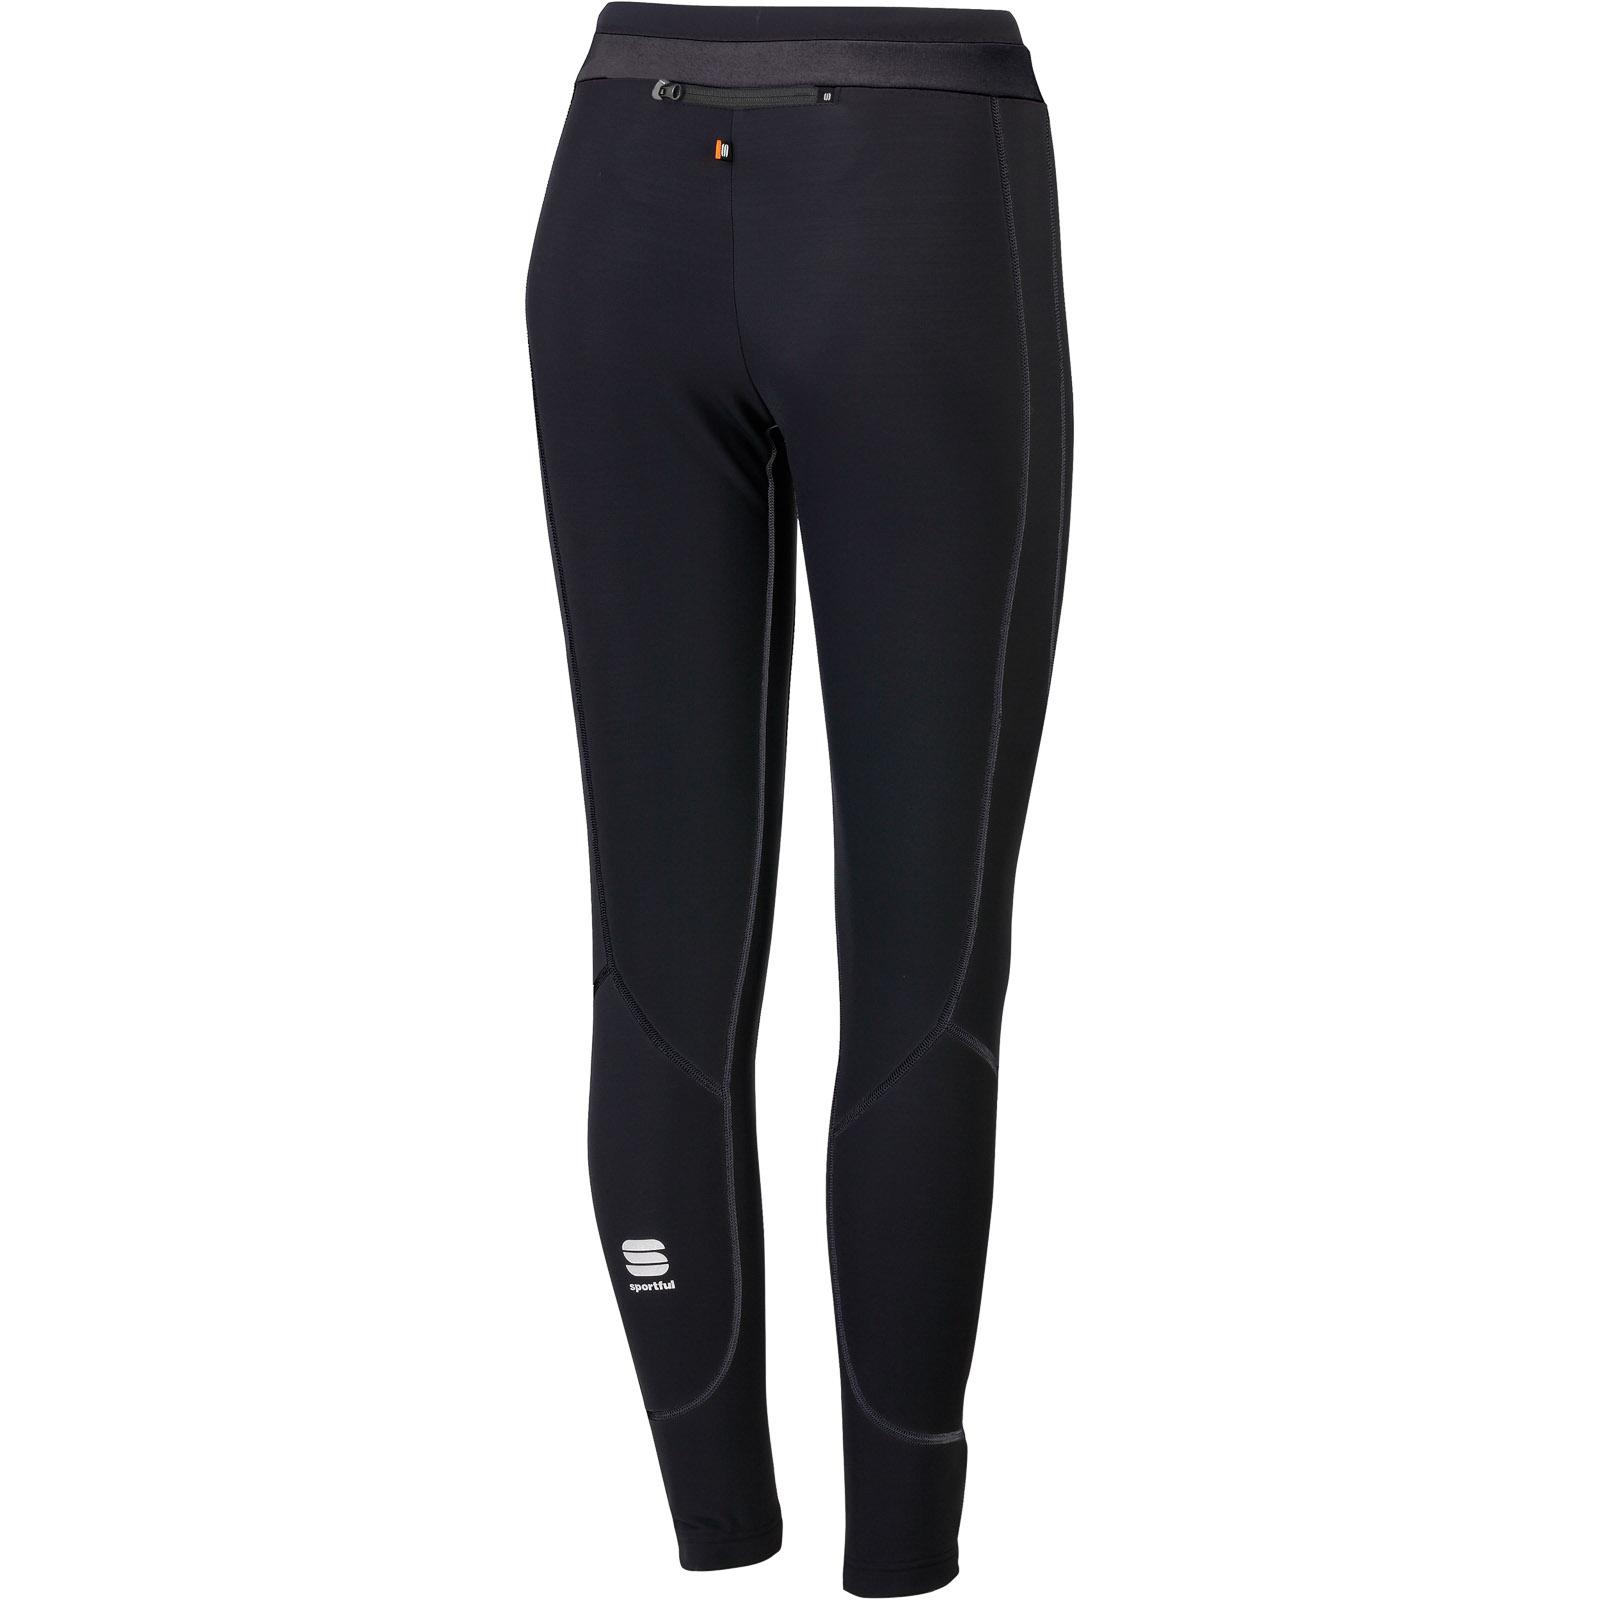 5c8dc546d467 Sportful Cardio Evo Tech dámske nohavice čierna. Pre absolútny zážitok  prosím použite prehliadač s javascriptom